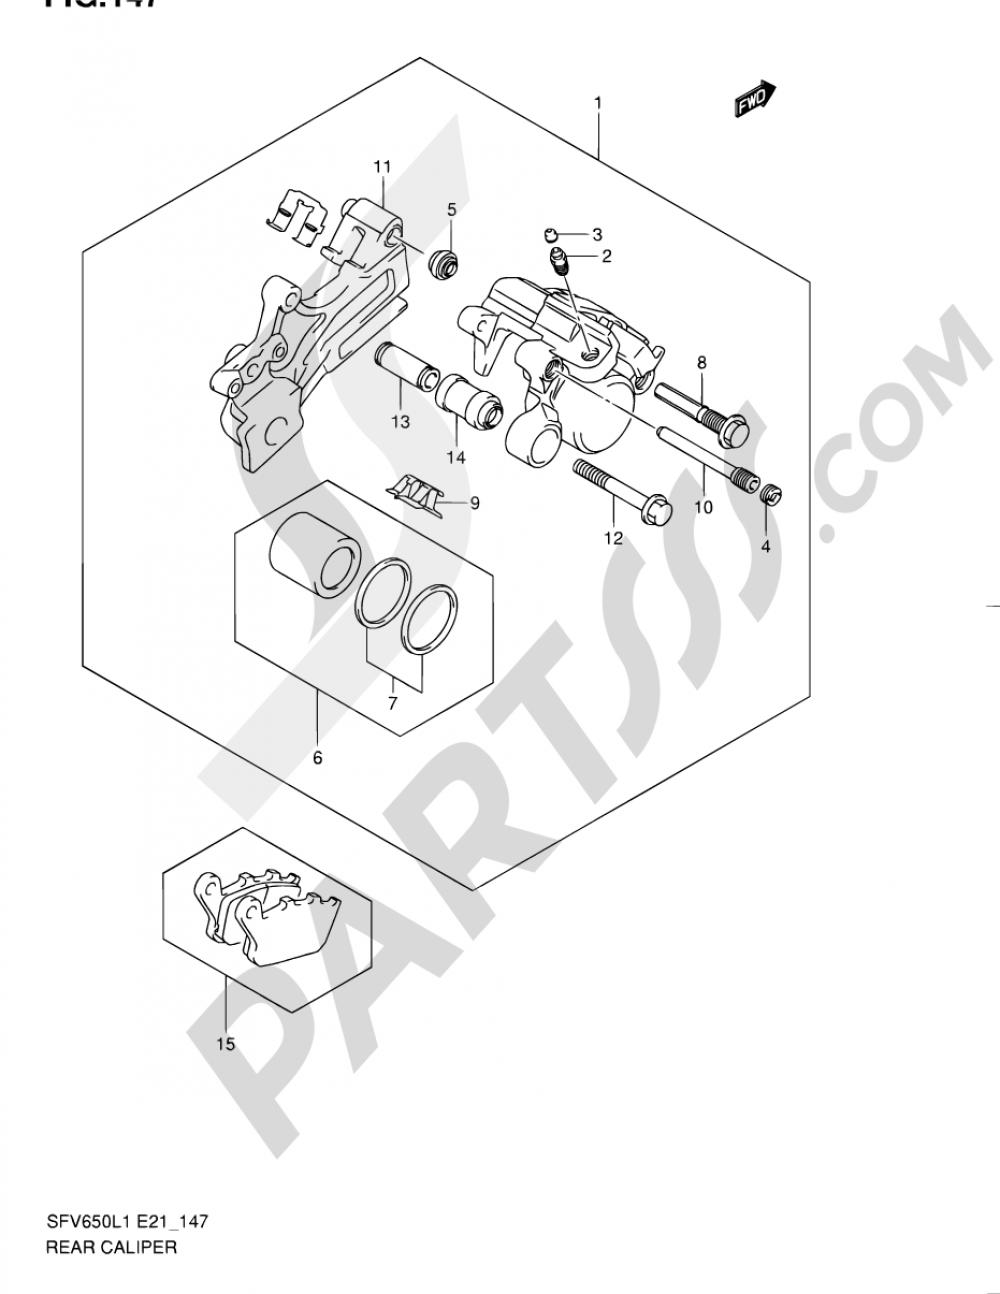 147 - REAR CALIPER (SFV650AL1 E21) Suzuki GLADIUS SFV650 2011